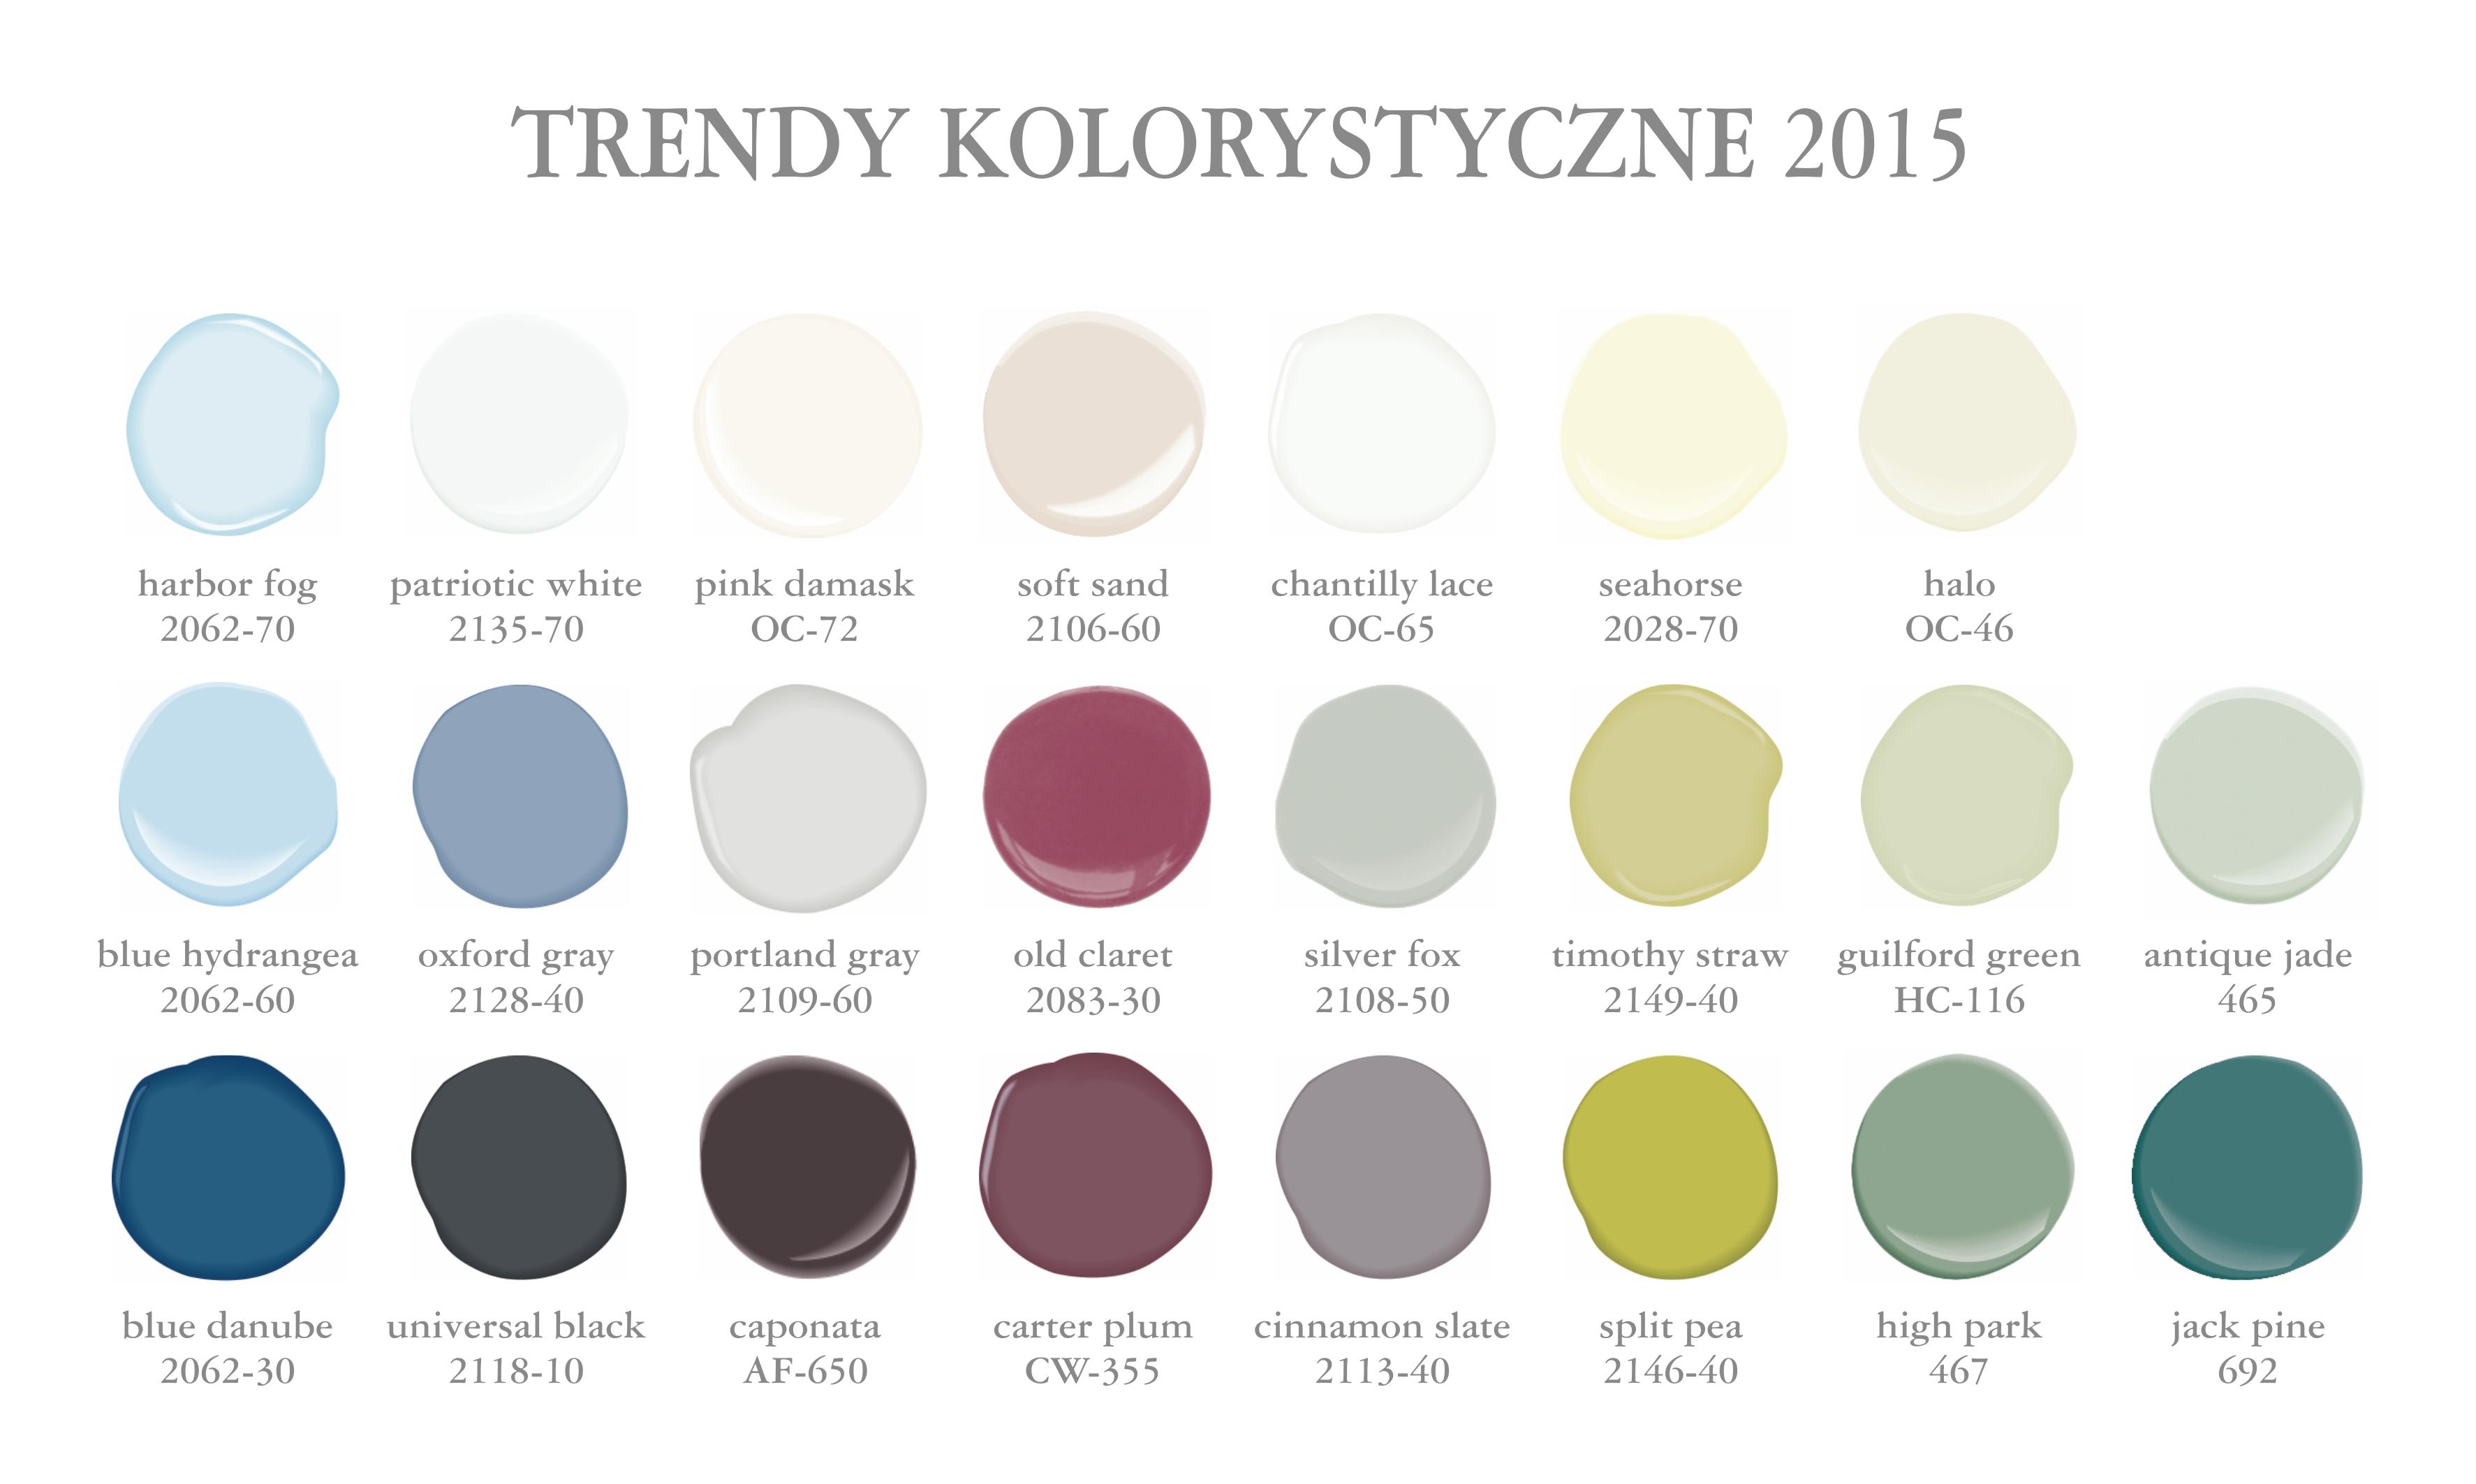 Kolor Roku 2015 By Benjamin Moore Proste Wn Trze